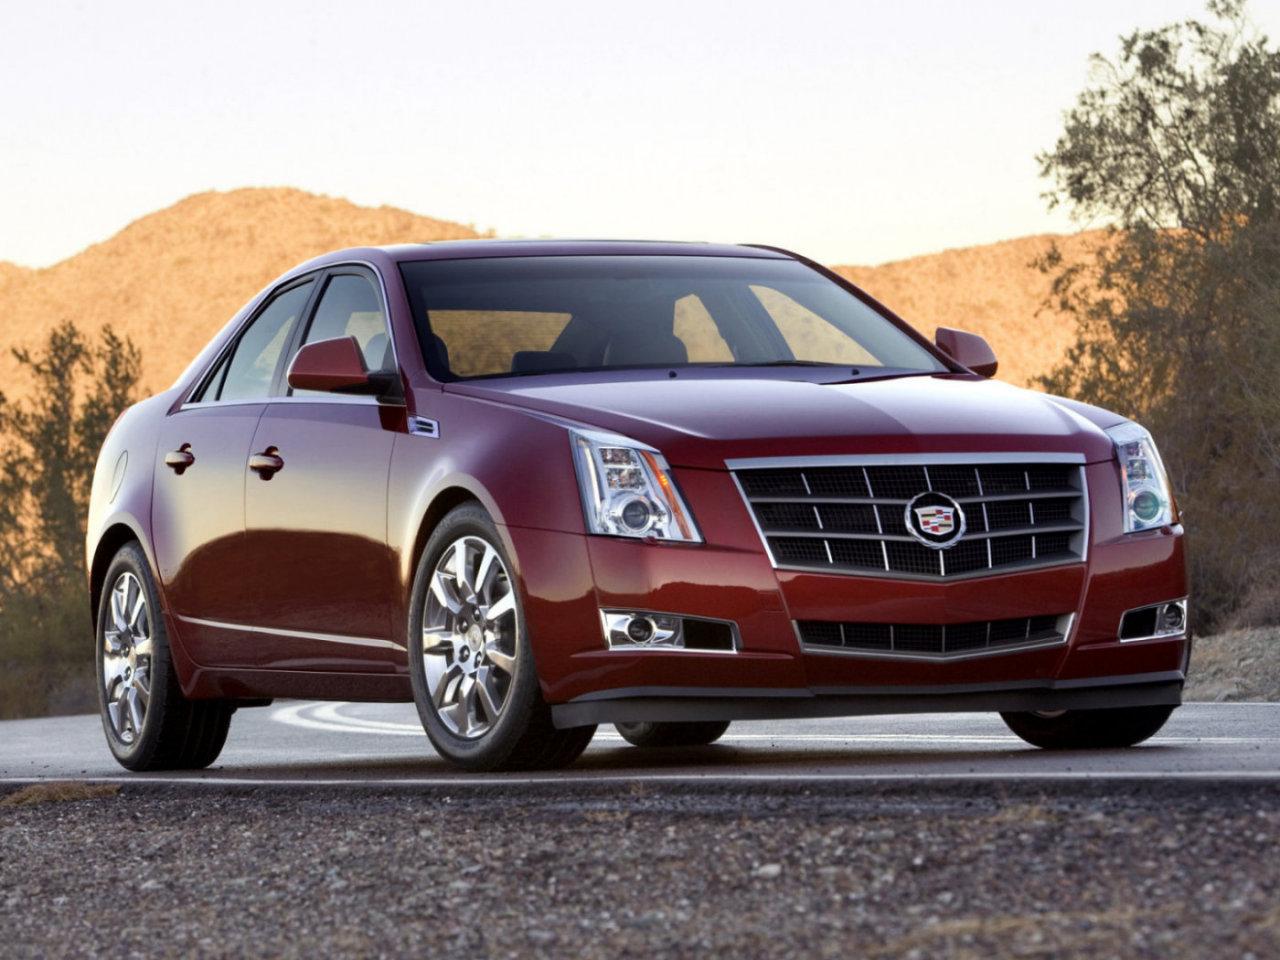 Новый бизнес-седан Cadillac CTS появился в украинских автосалонах